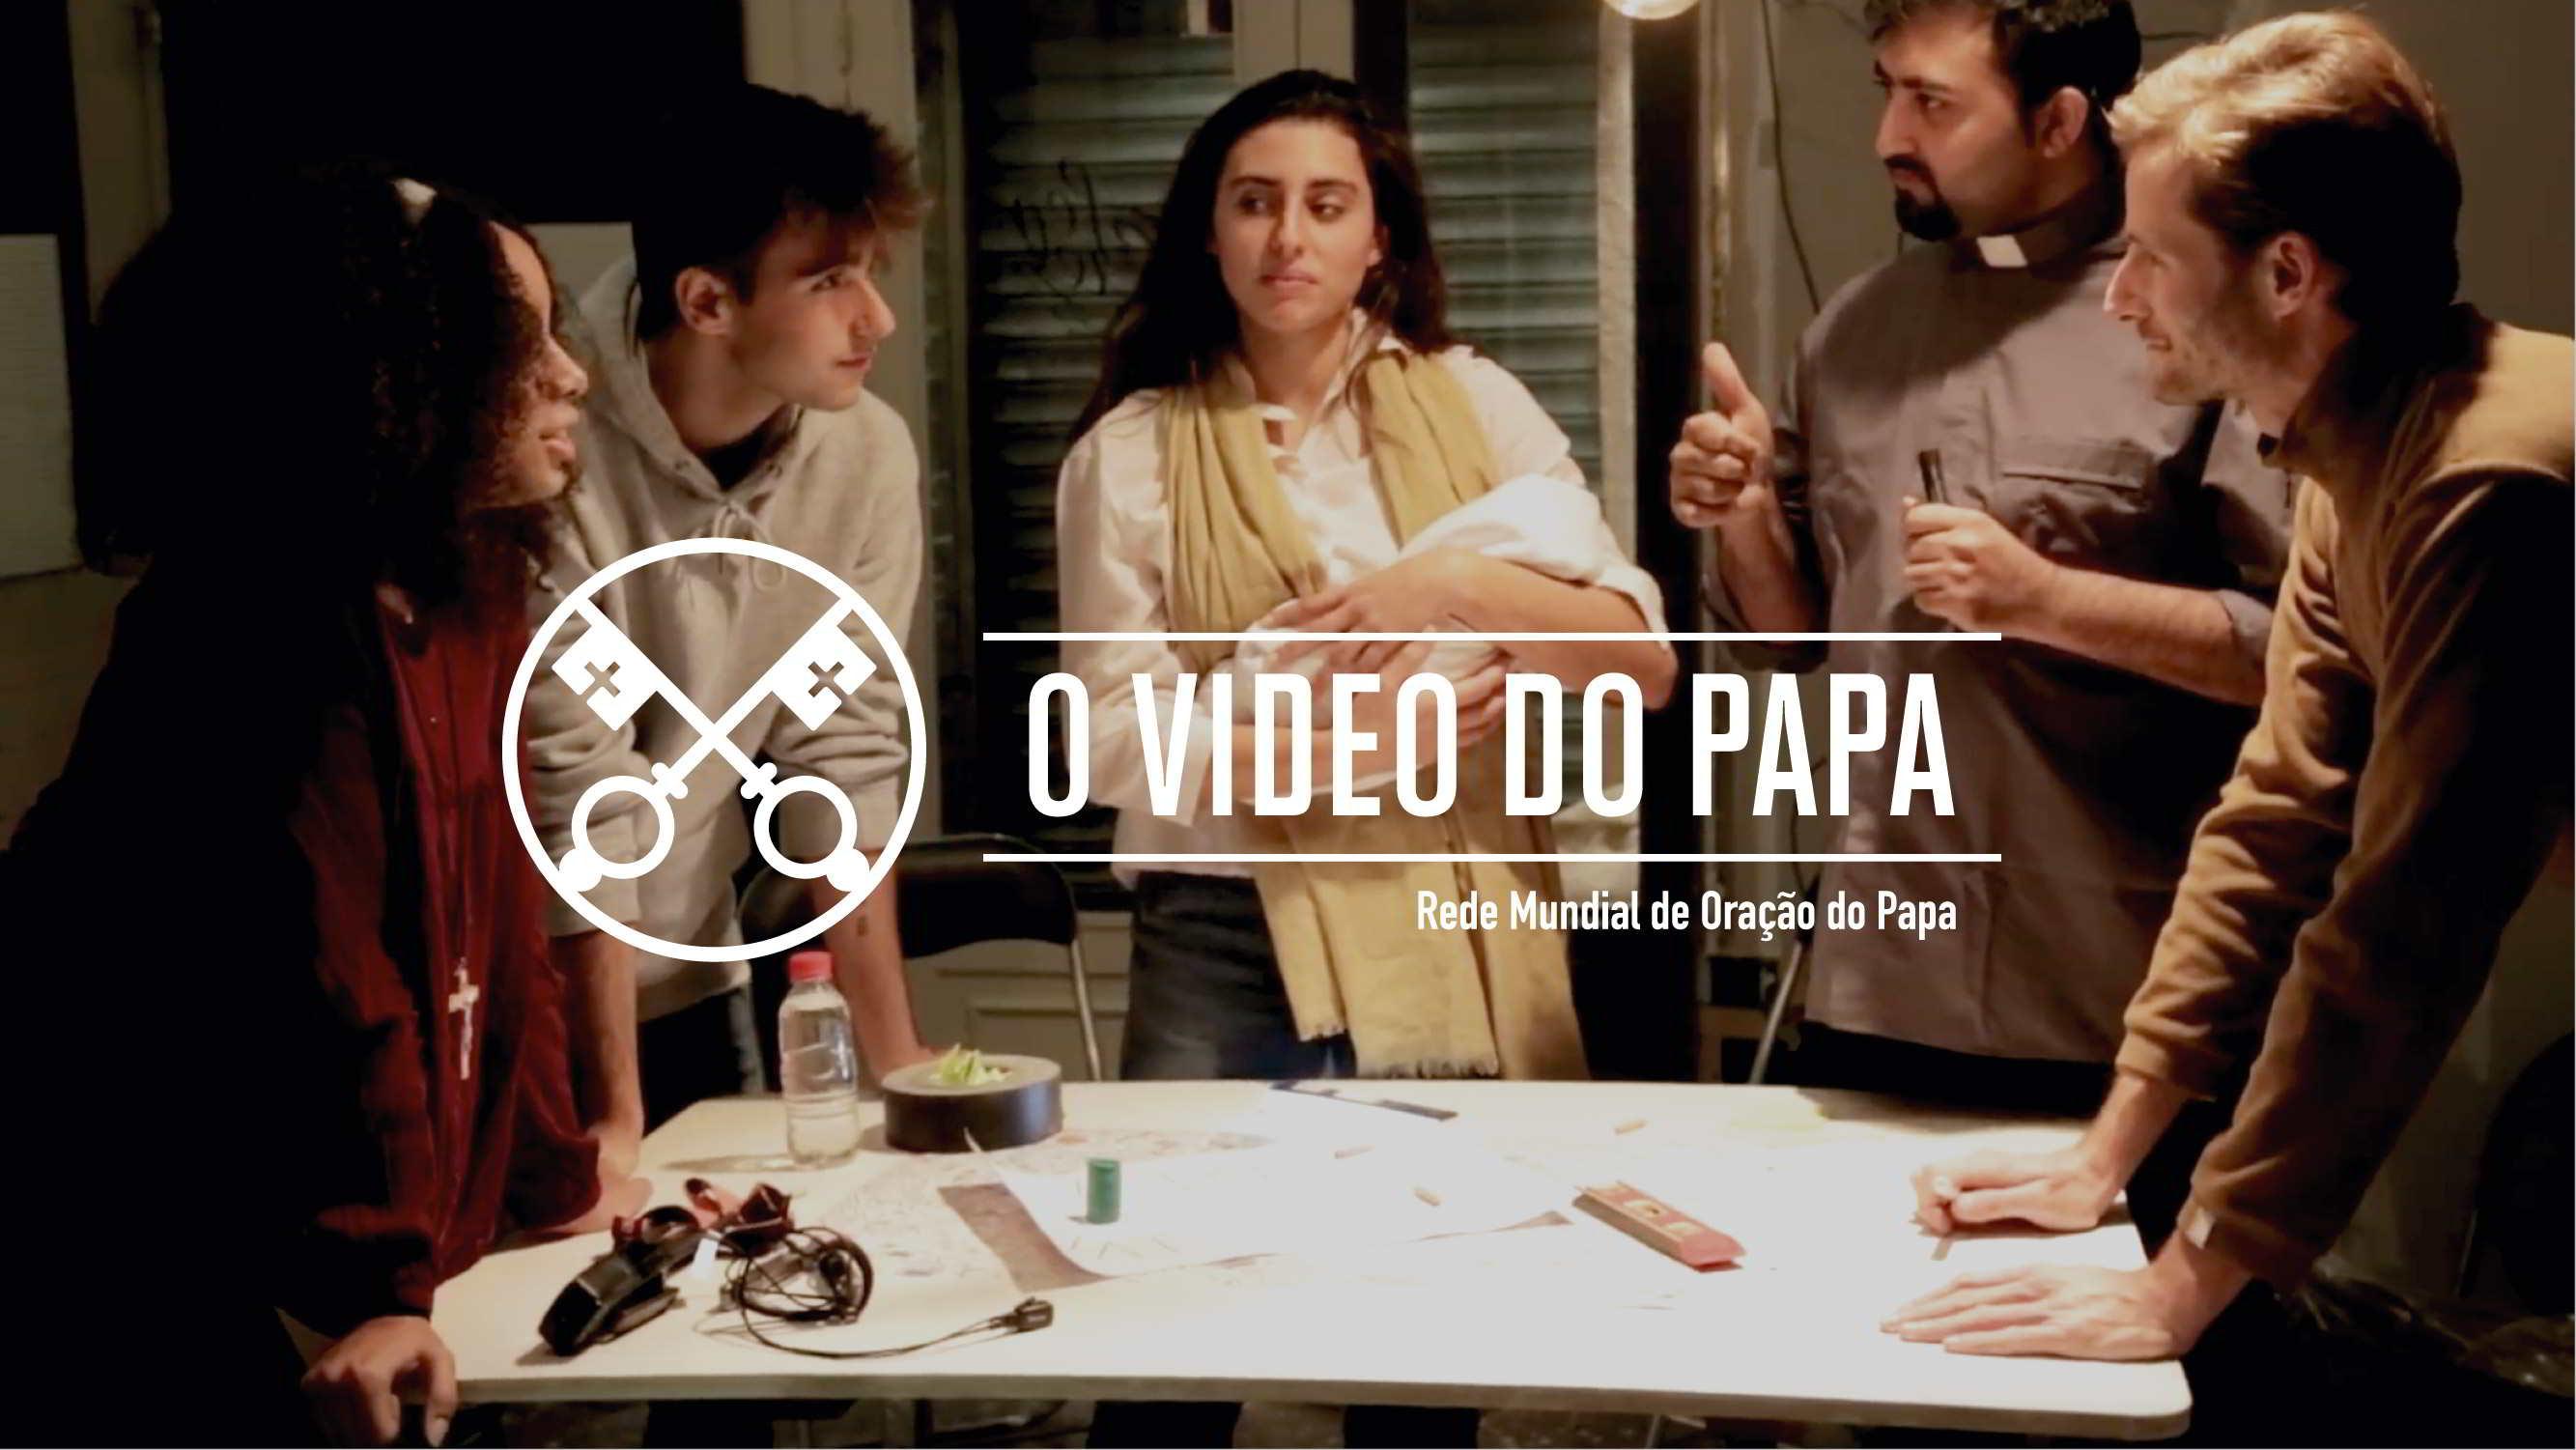 Official-Image-TPV-12-2018-–-4-PT-–-O-Video-do-Papa-–-Ao-serviço-da-transmissão-da-fé